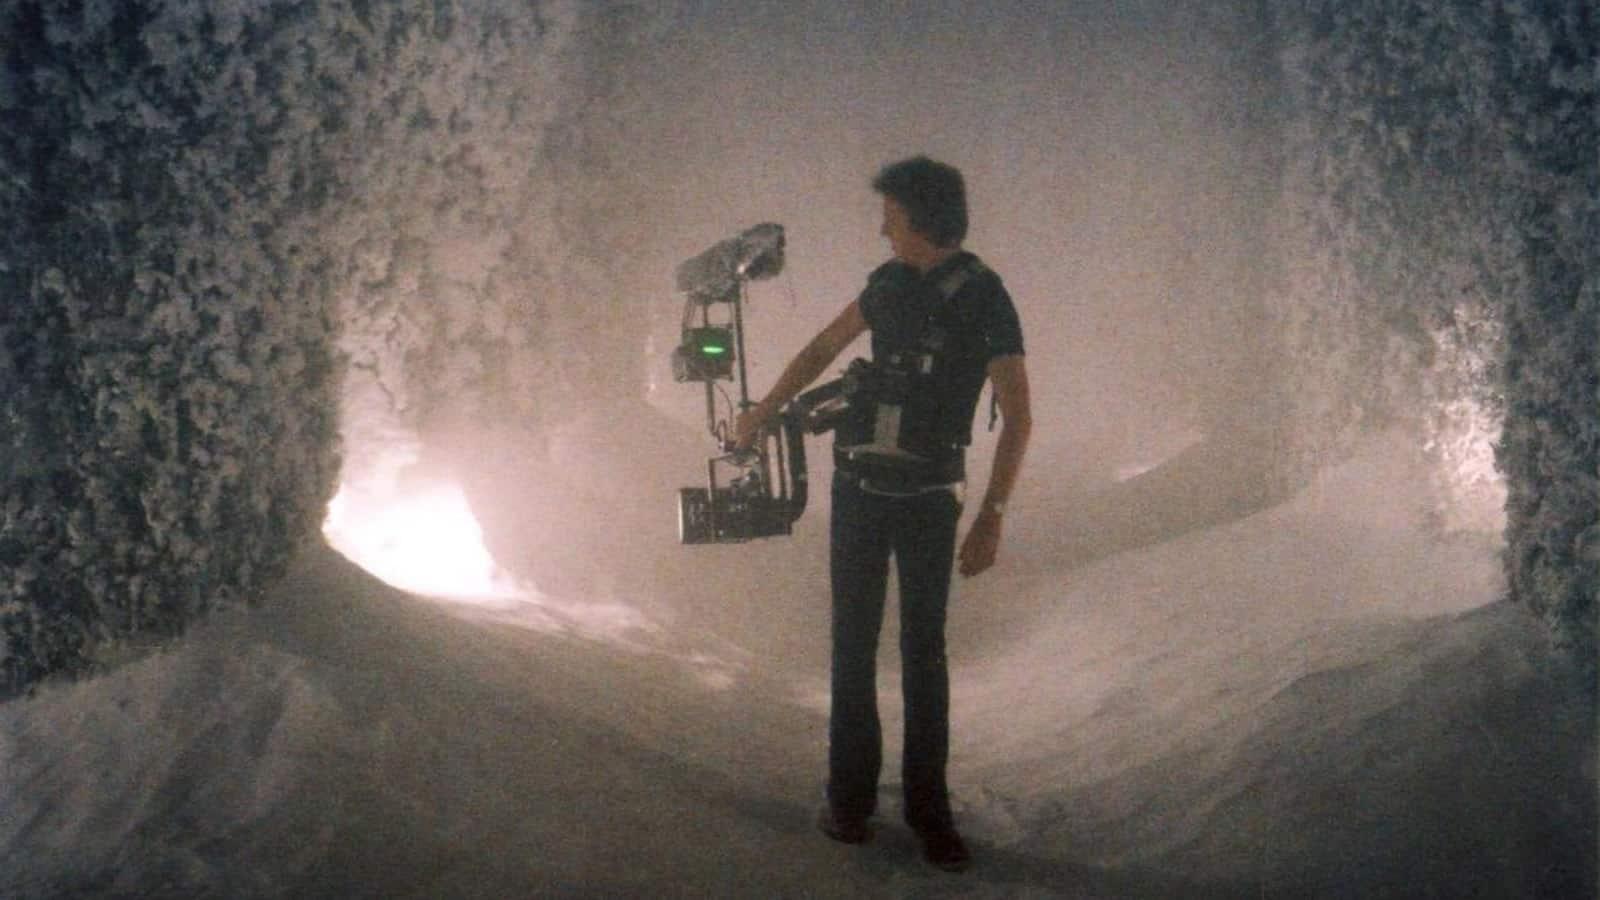 Garret Brown using Steadicam on <em>The Shining</em>